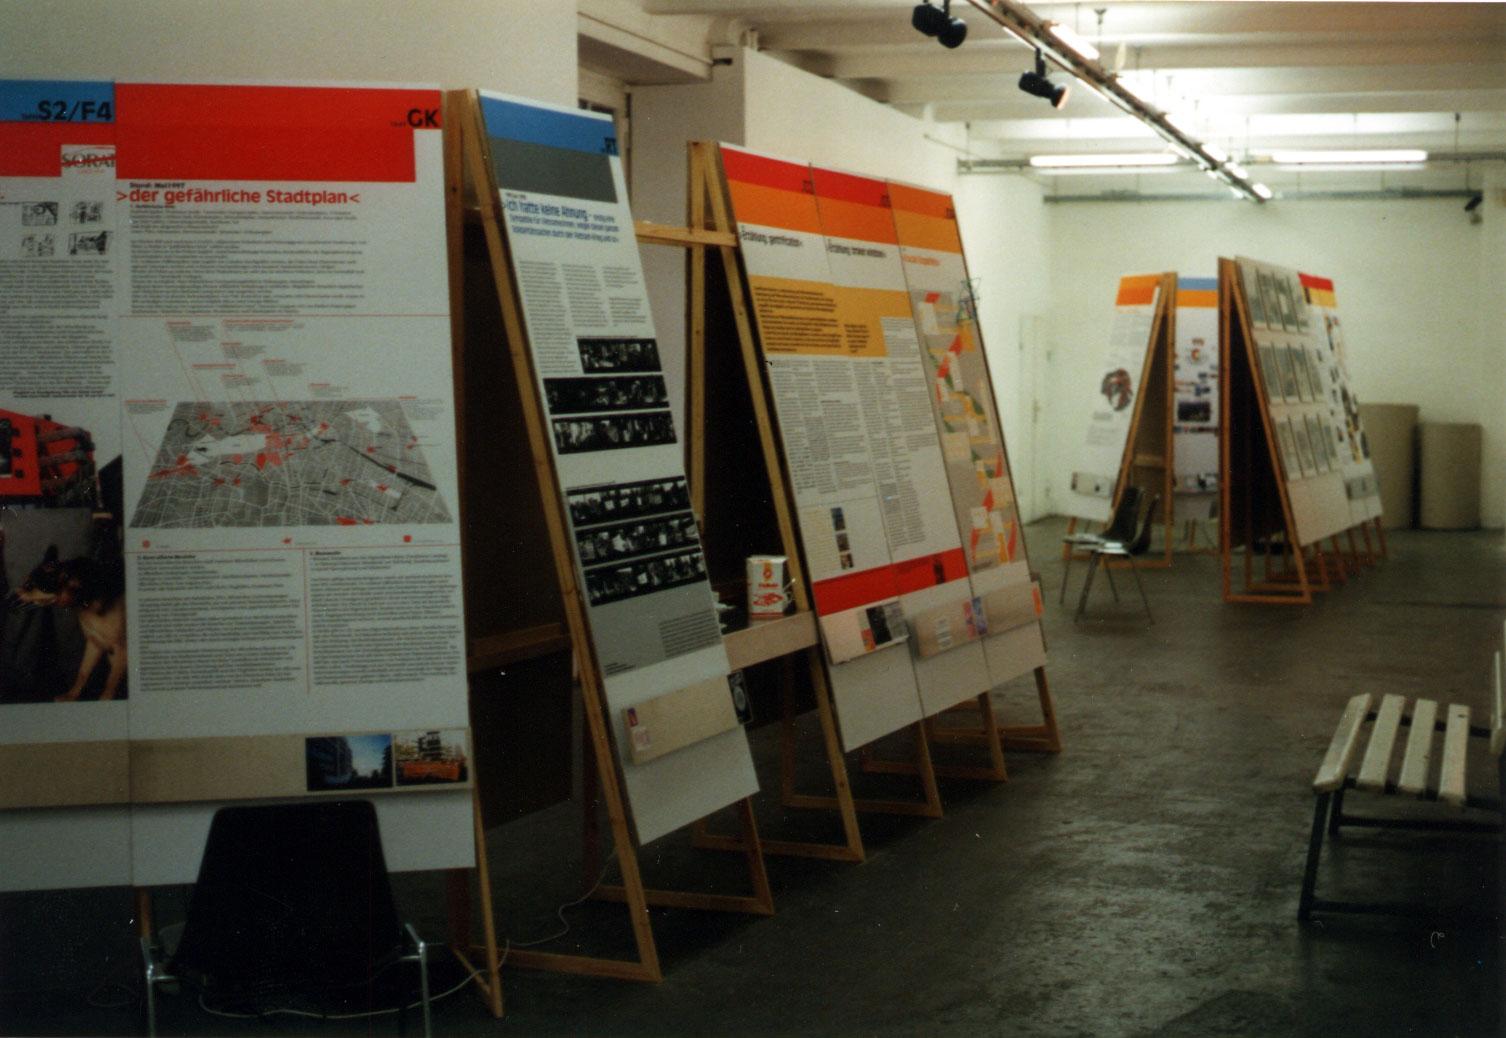 Installation View, Neue Gesellschaft für Bildende Kunst